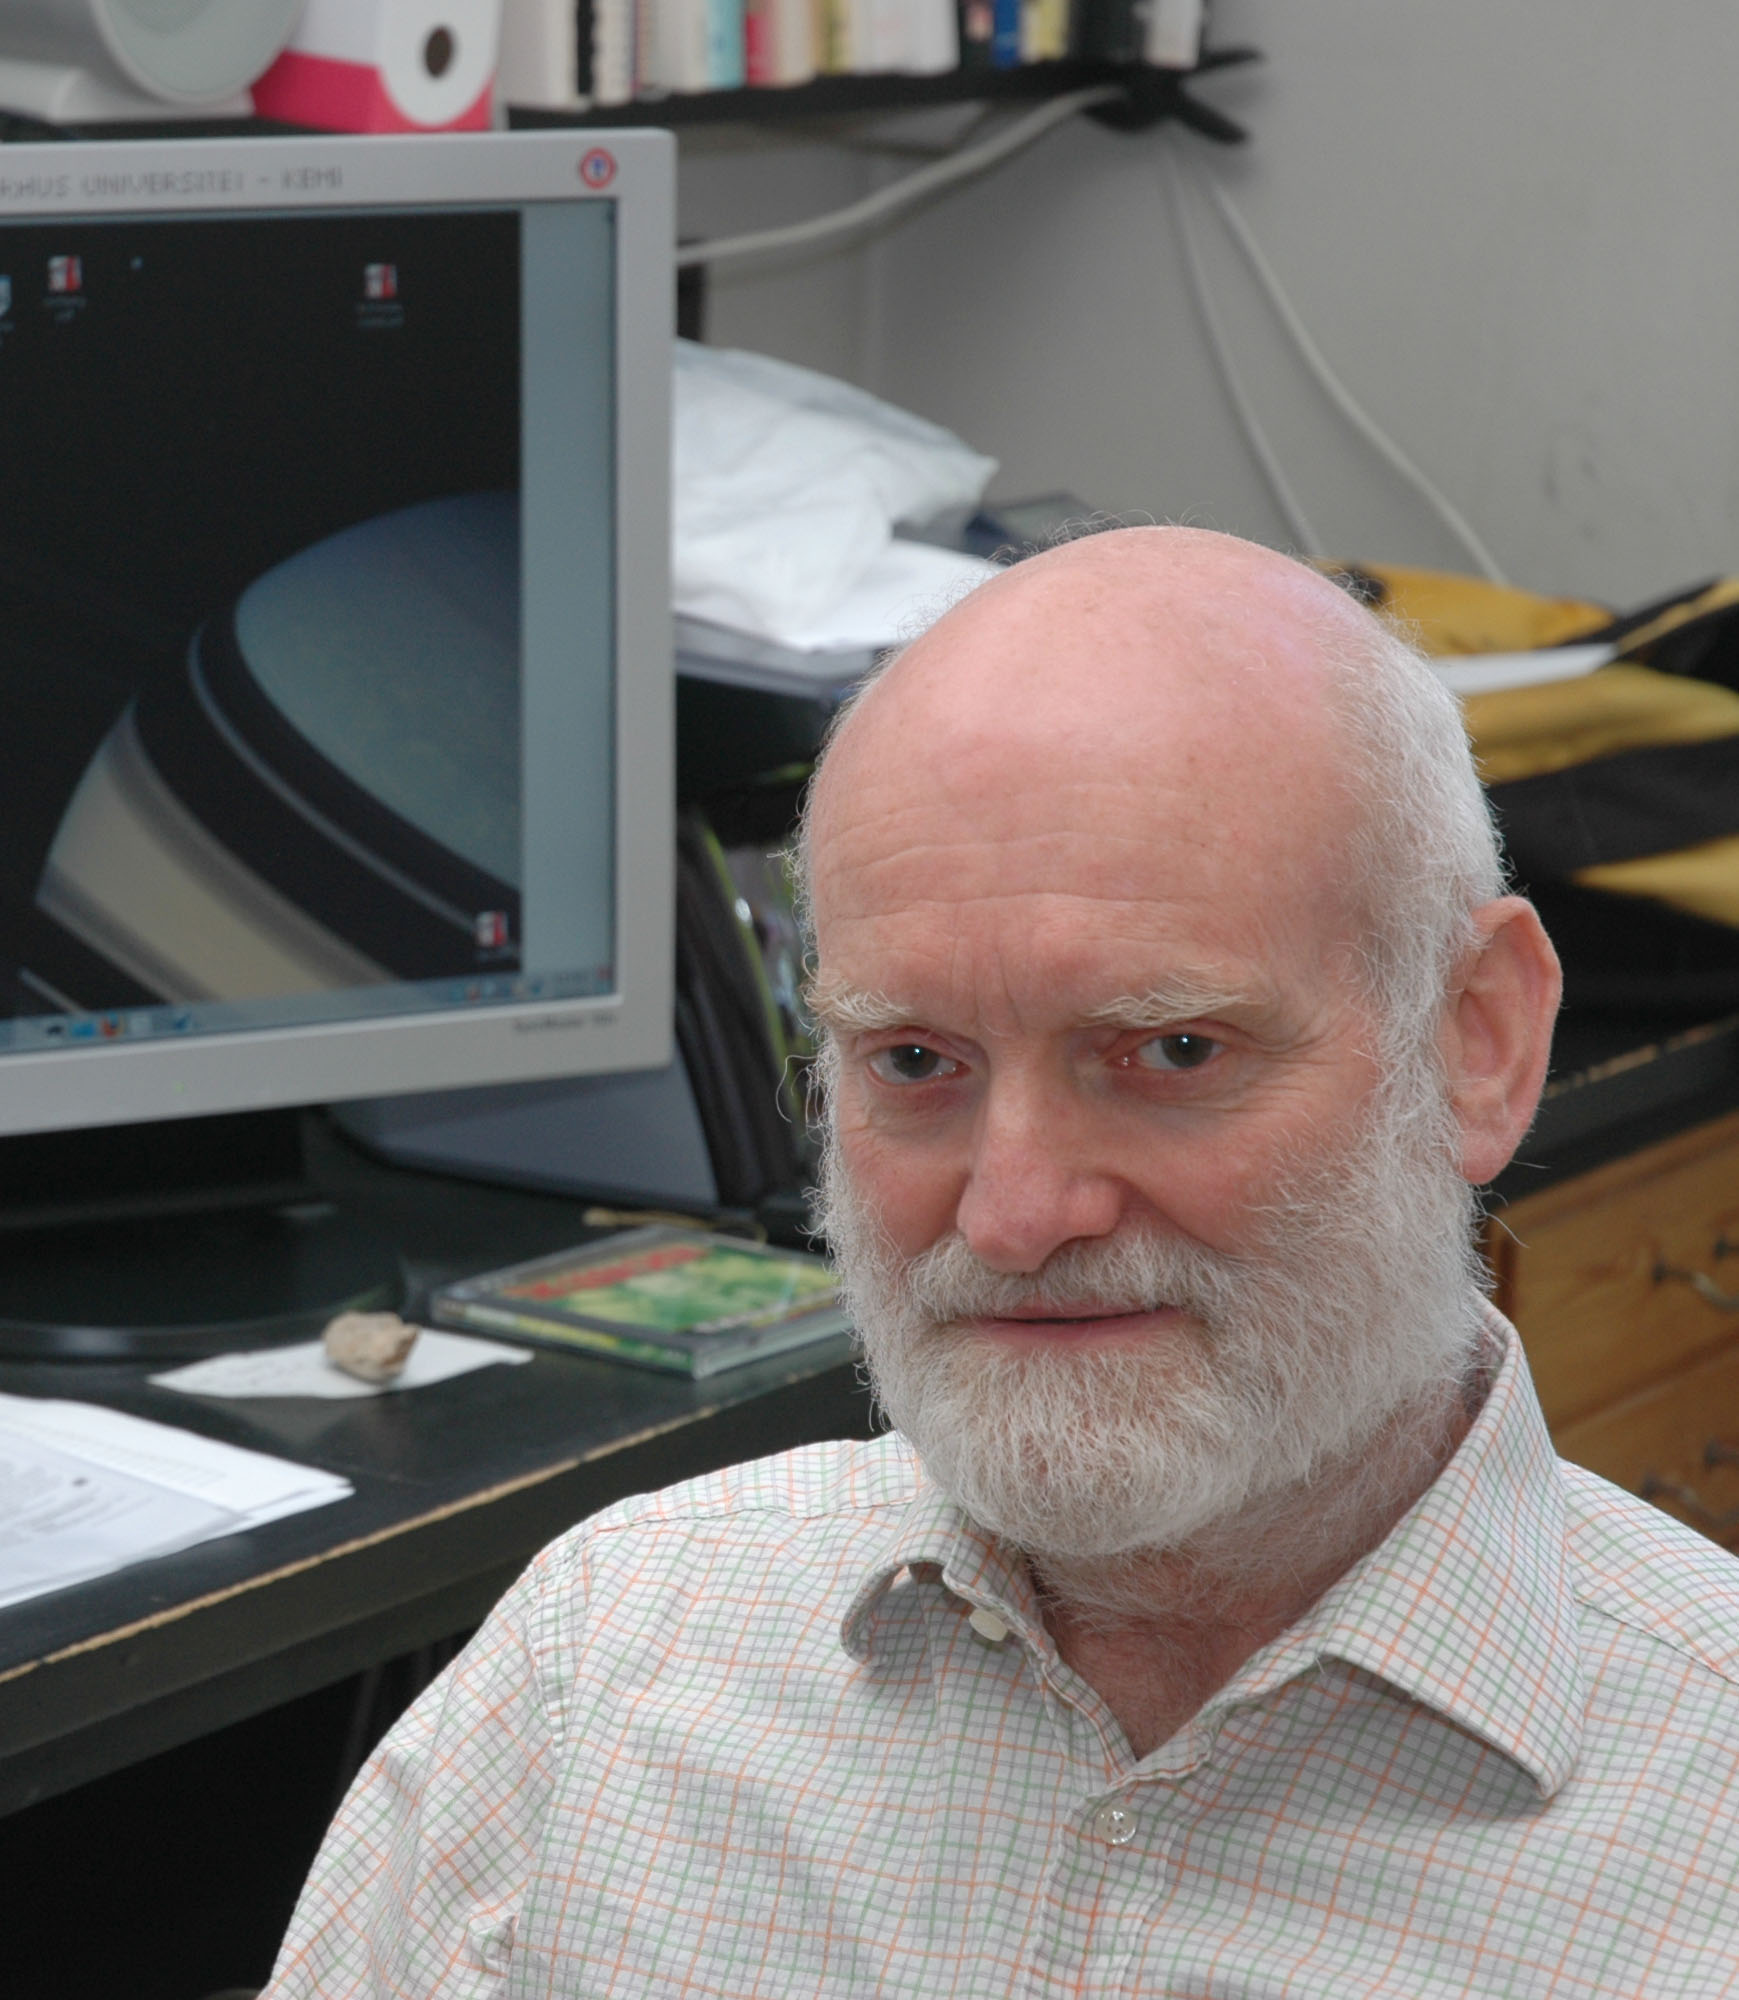 Dieter Britz